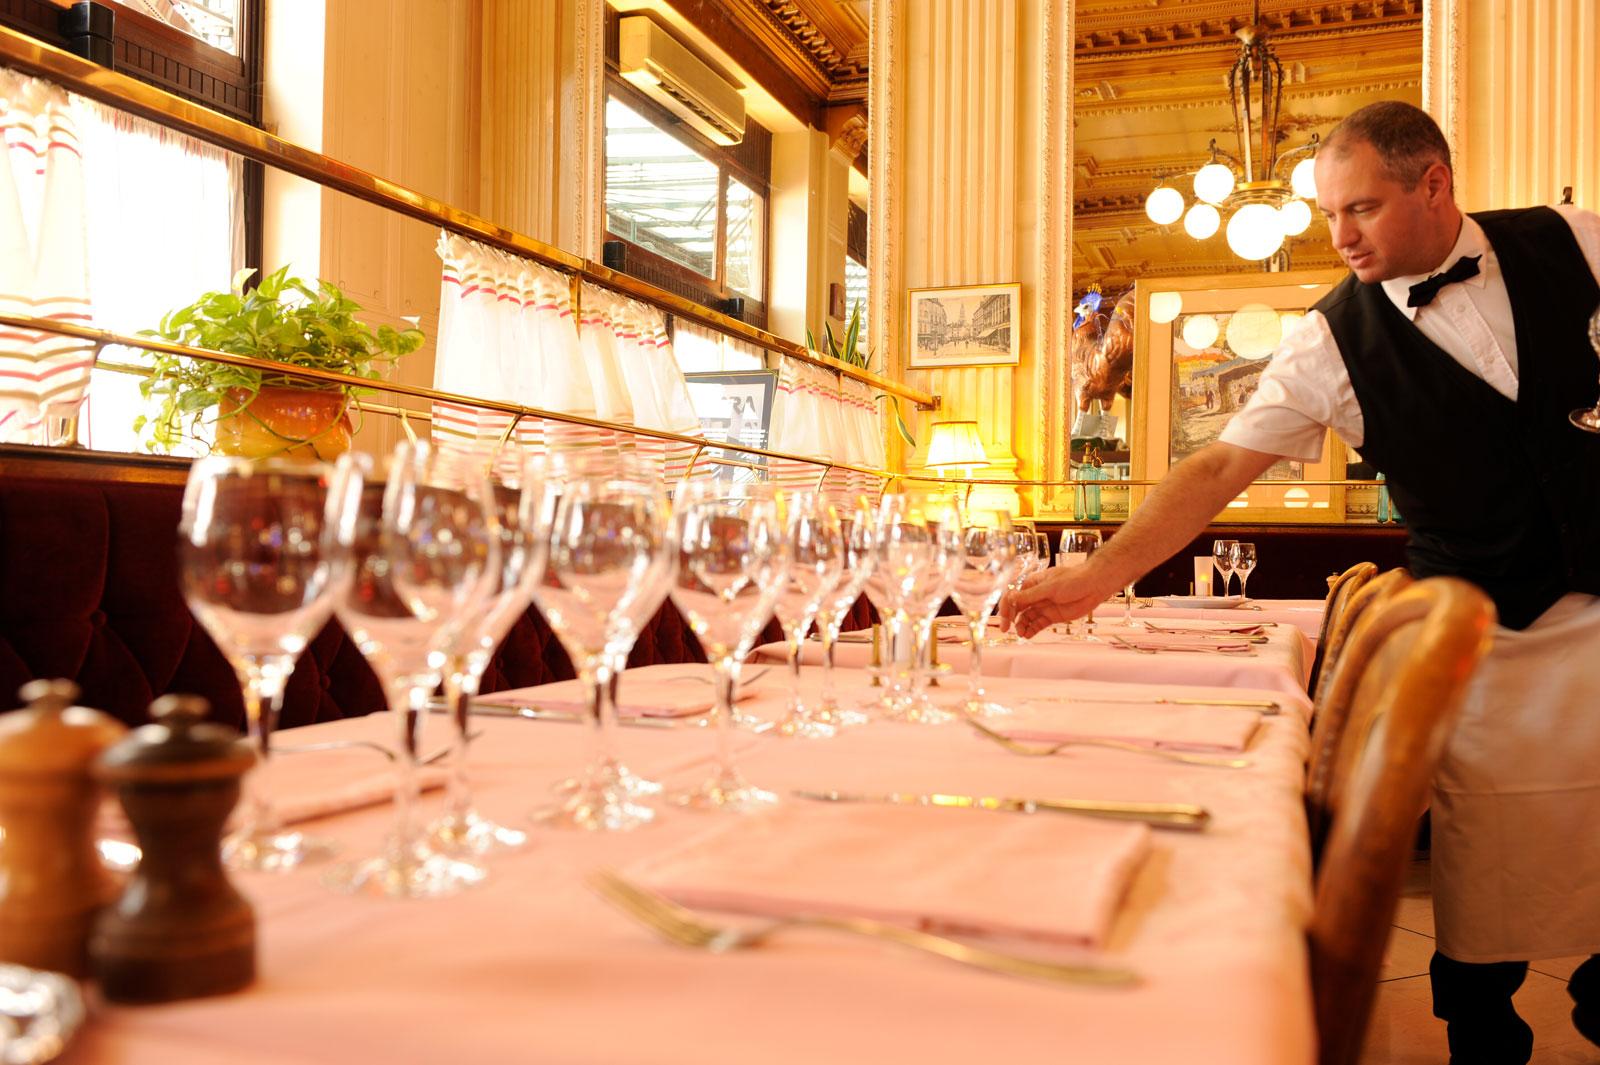 Brasserie le fran ais bourg en bresse - Mise en place table restaurant ...